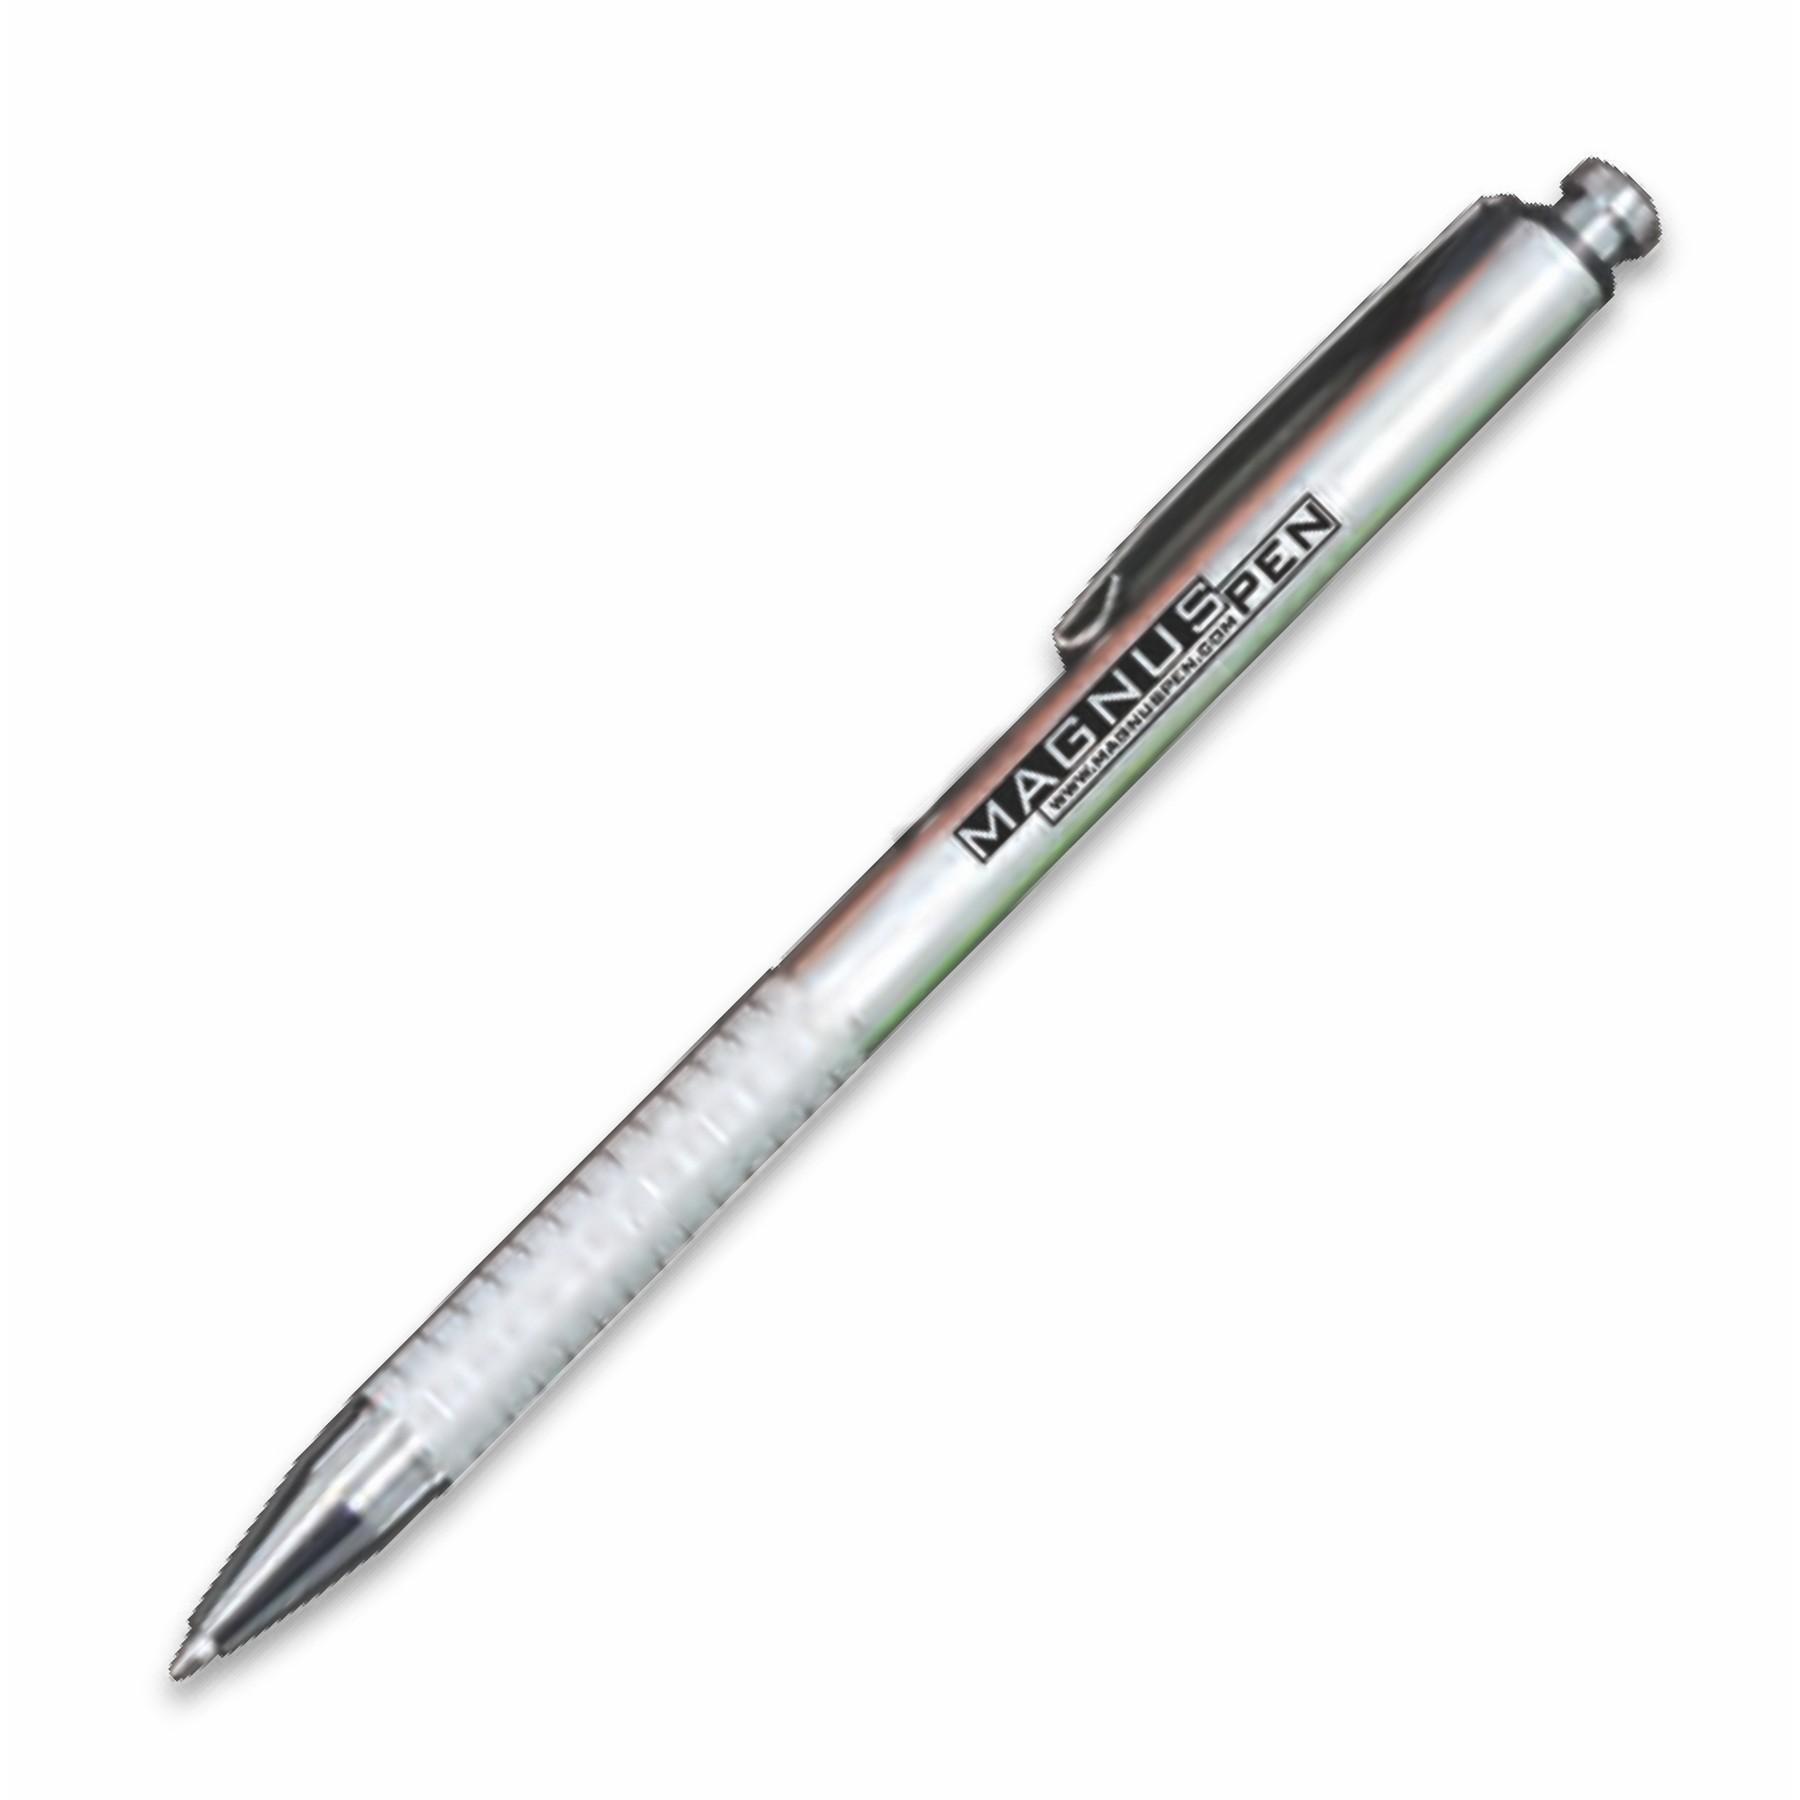 Halifax Plunger Action Ballpoint Pen w Metal Clip (3-5 Days)